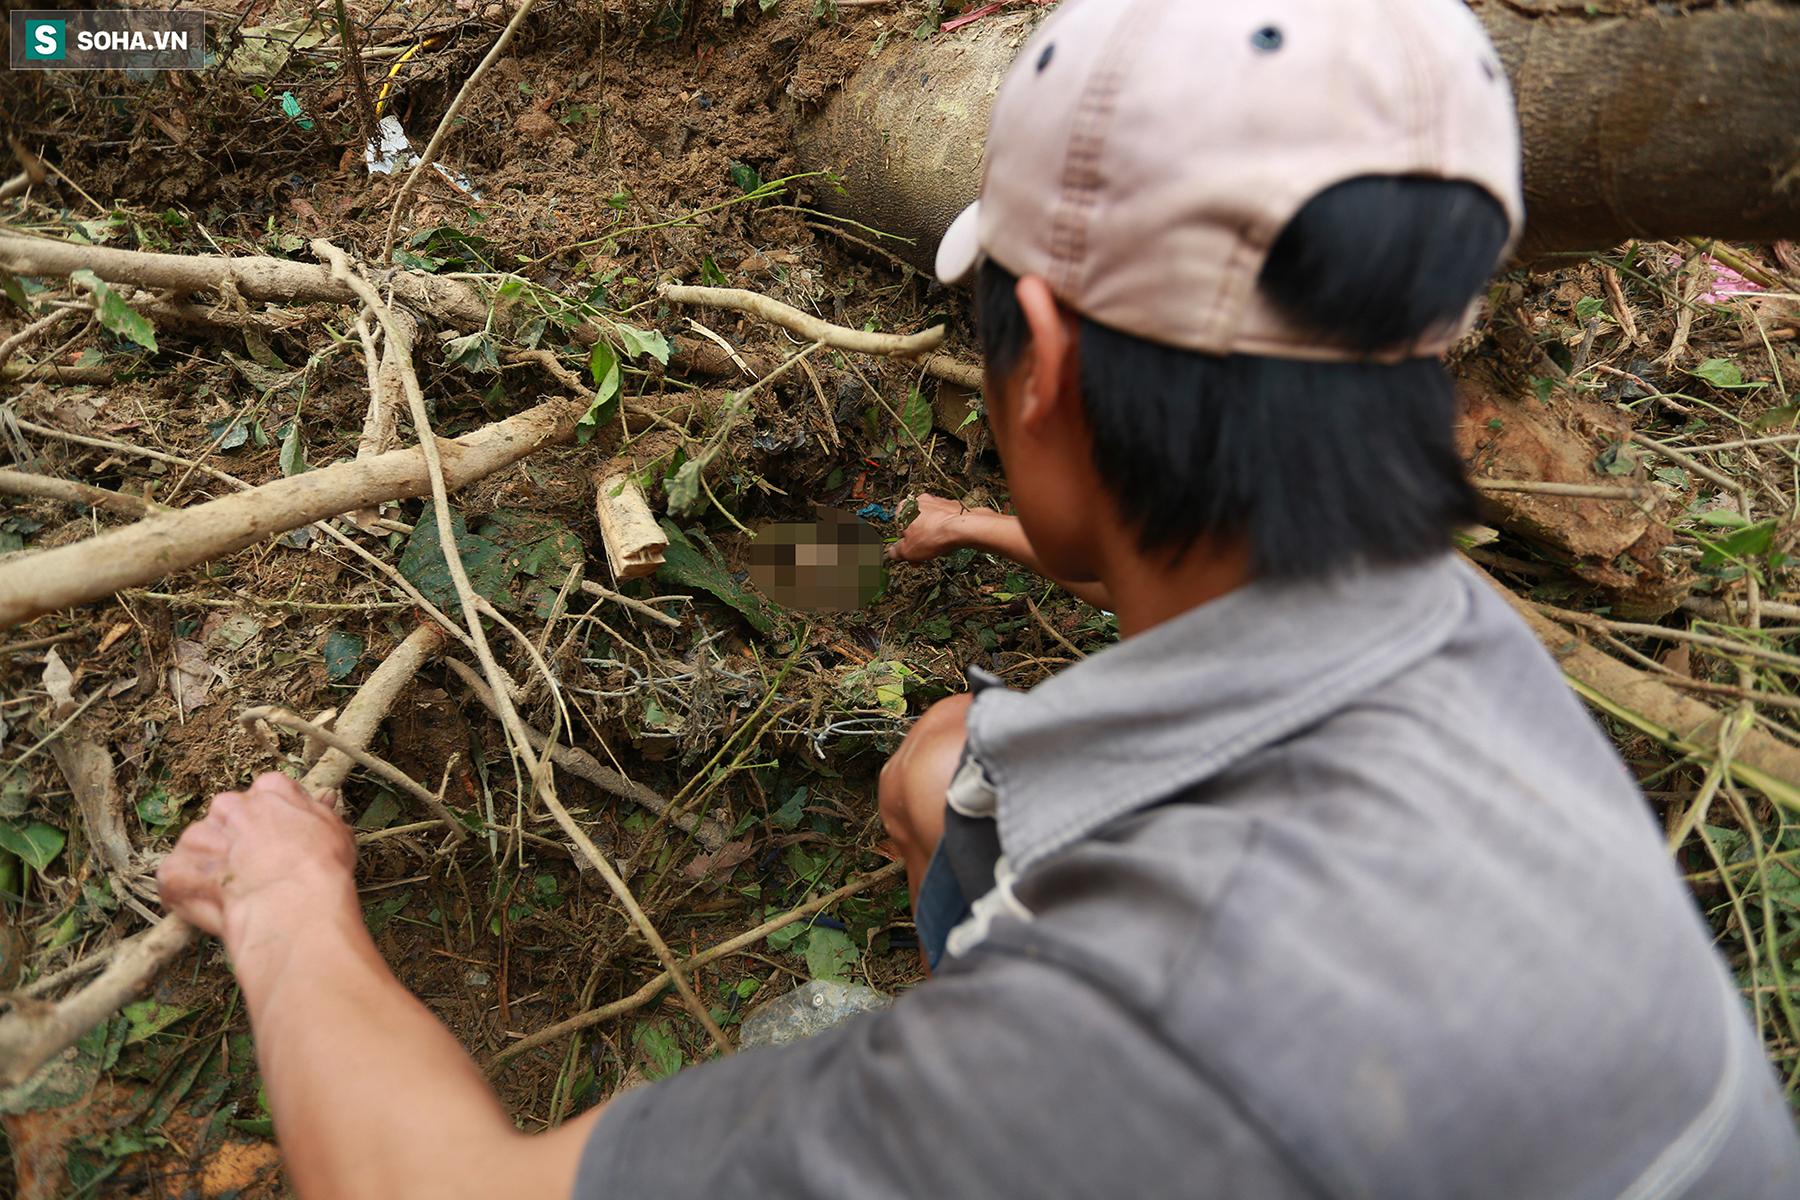 [Ảnh] Dân làng khóc nghẹn khi tìm thấy bé trai 10 tháng tuổi dưới lớp bùn đất vụ sạt lở ở Trà Leng - Ảnh 3.